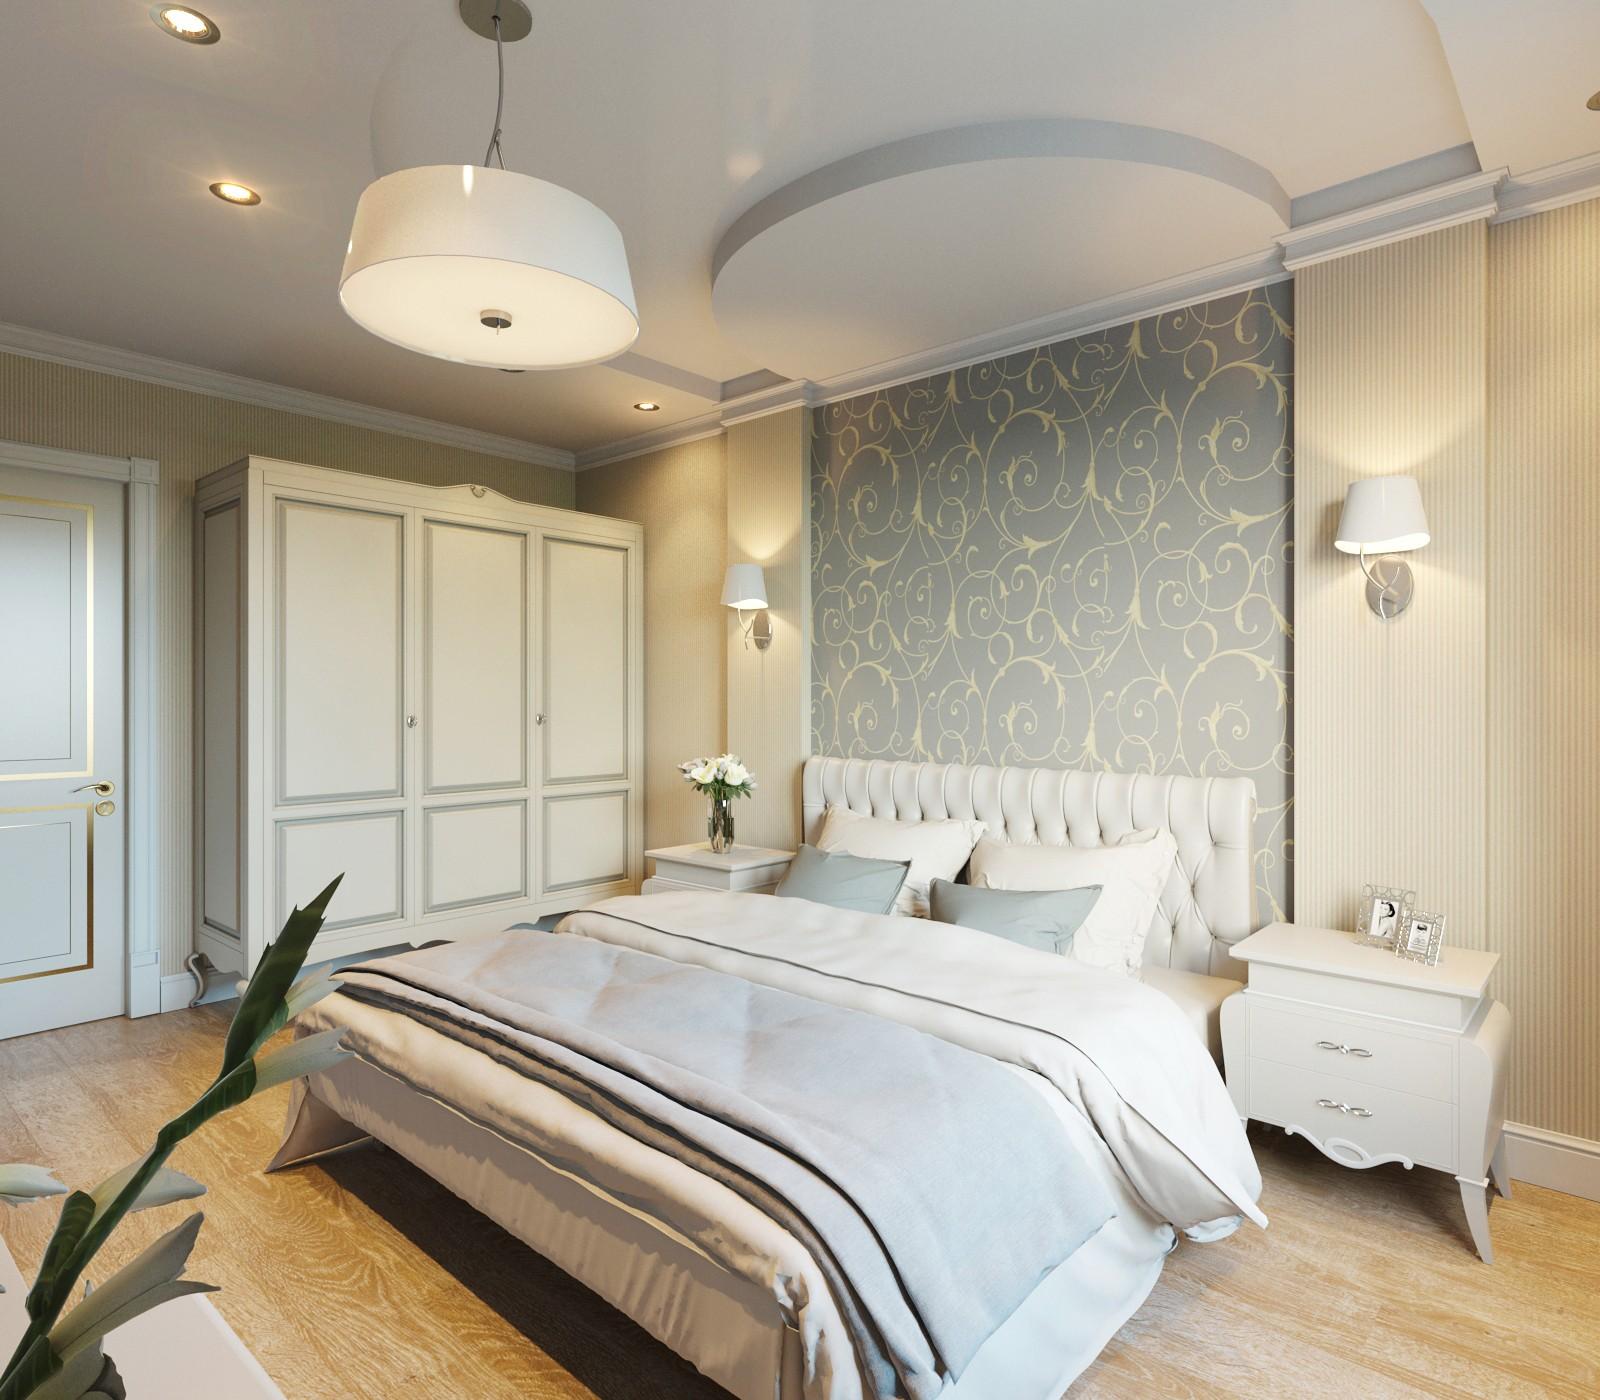 спальня площадью 5 на 5 метров фото дизайна